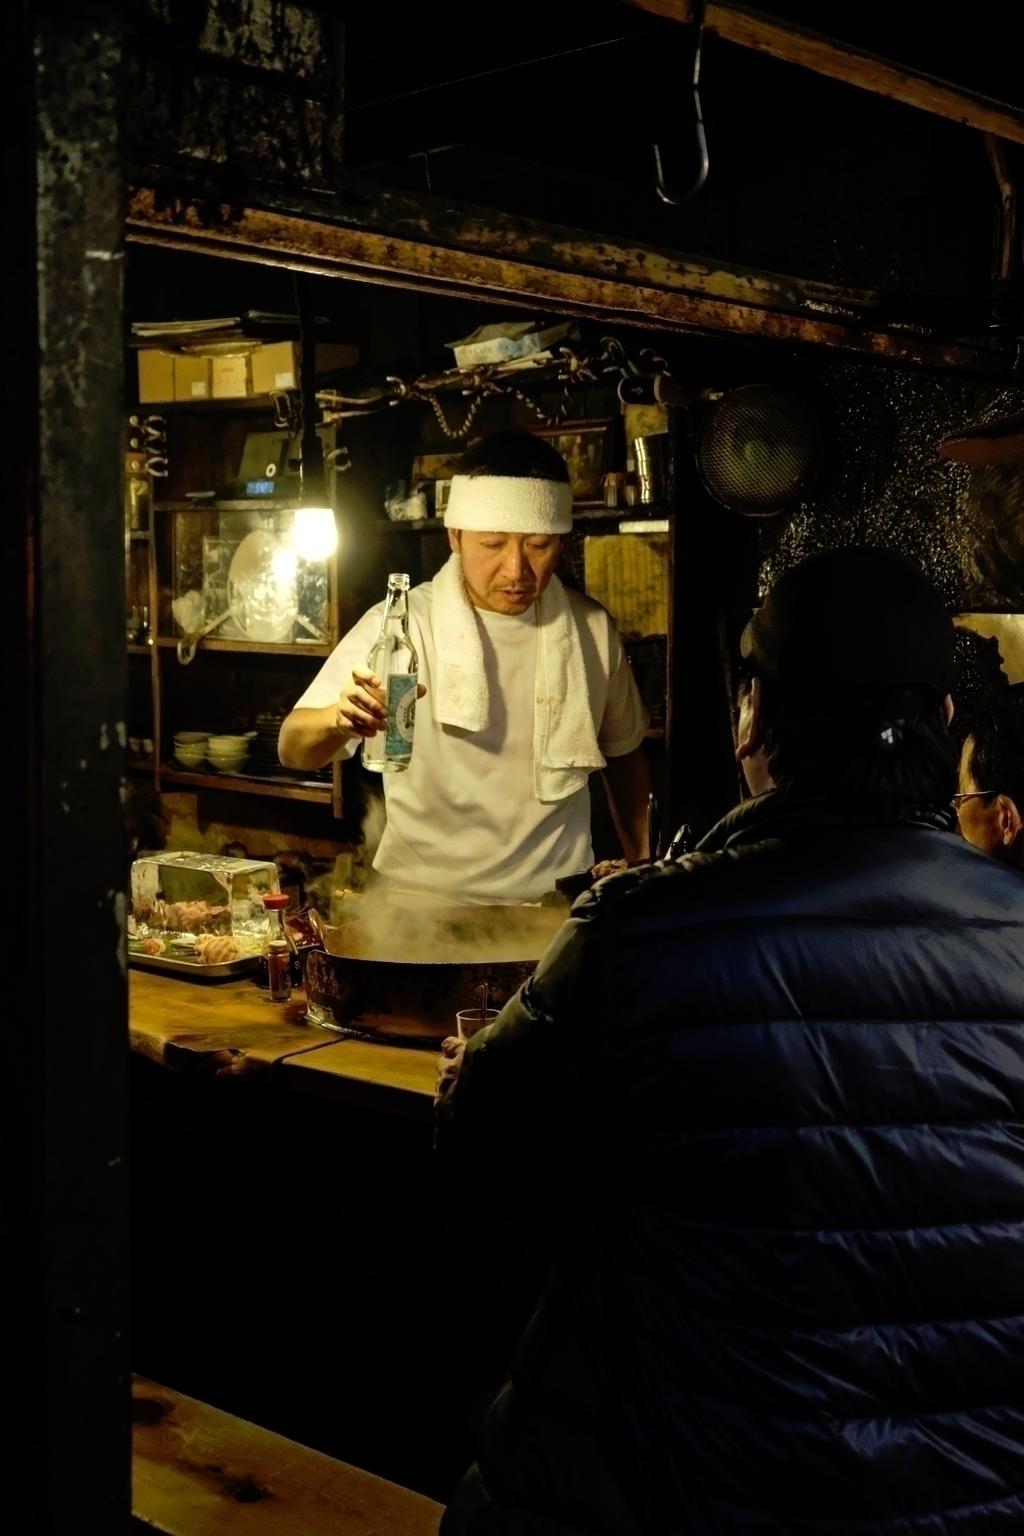 Dining Tokyo - fujifilm, dining - tedhamilton | ello